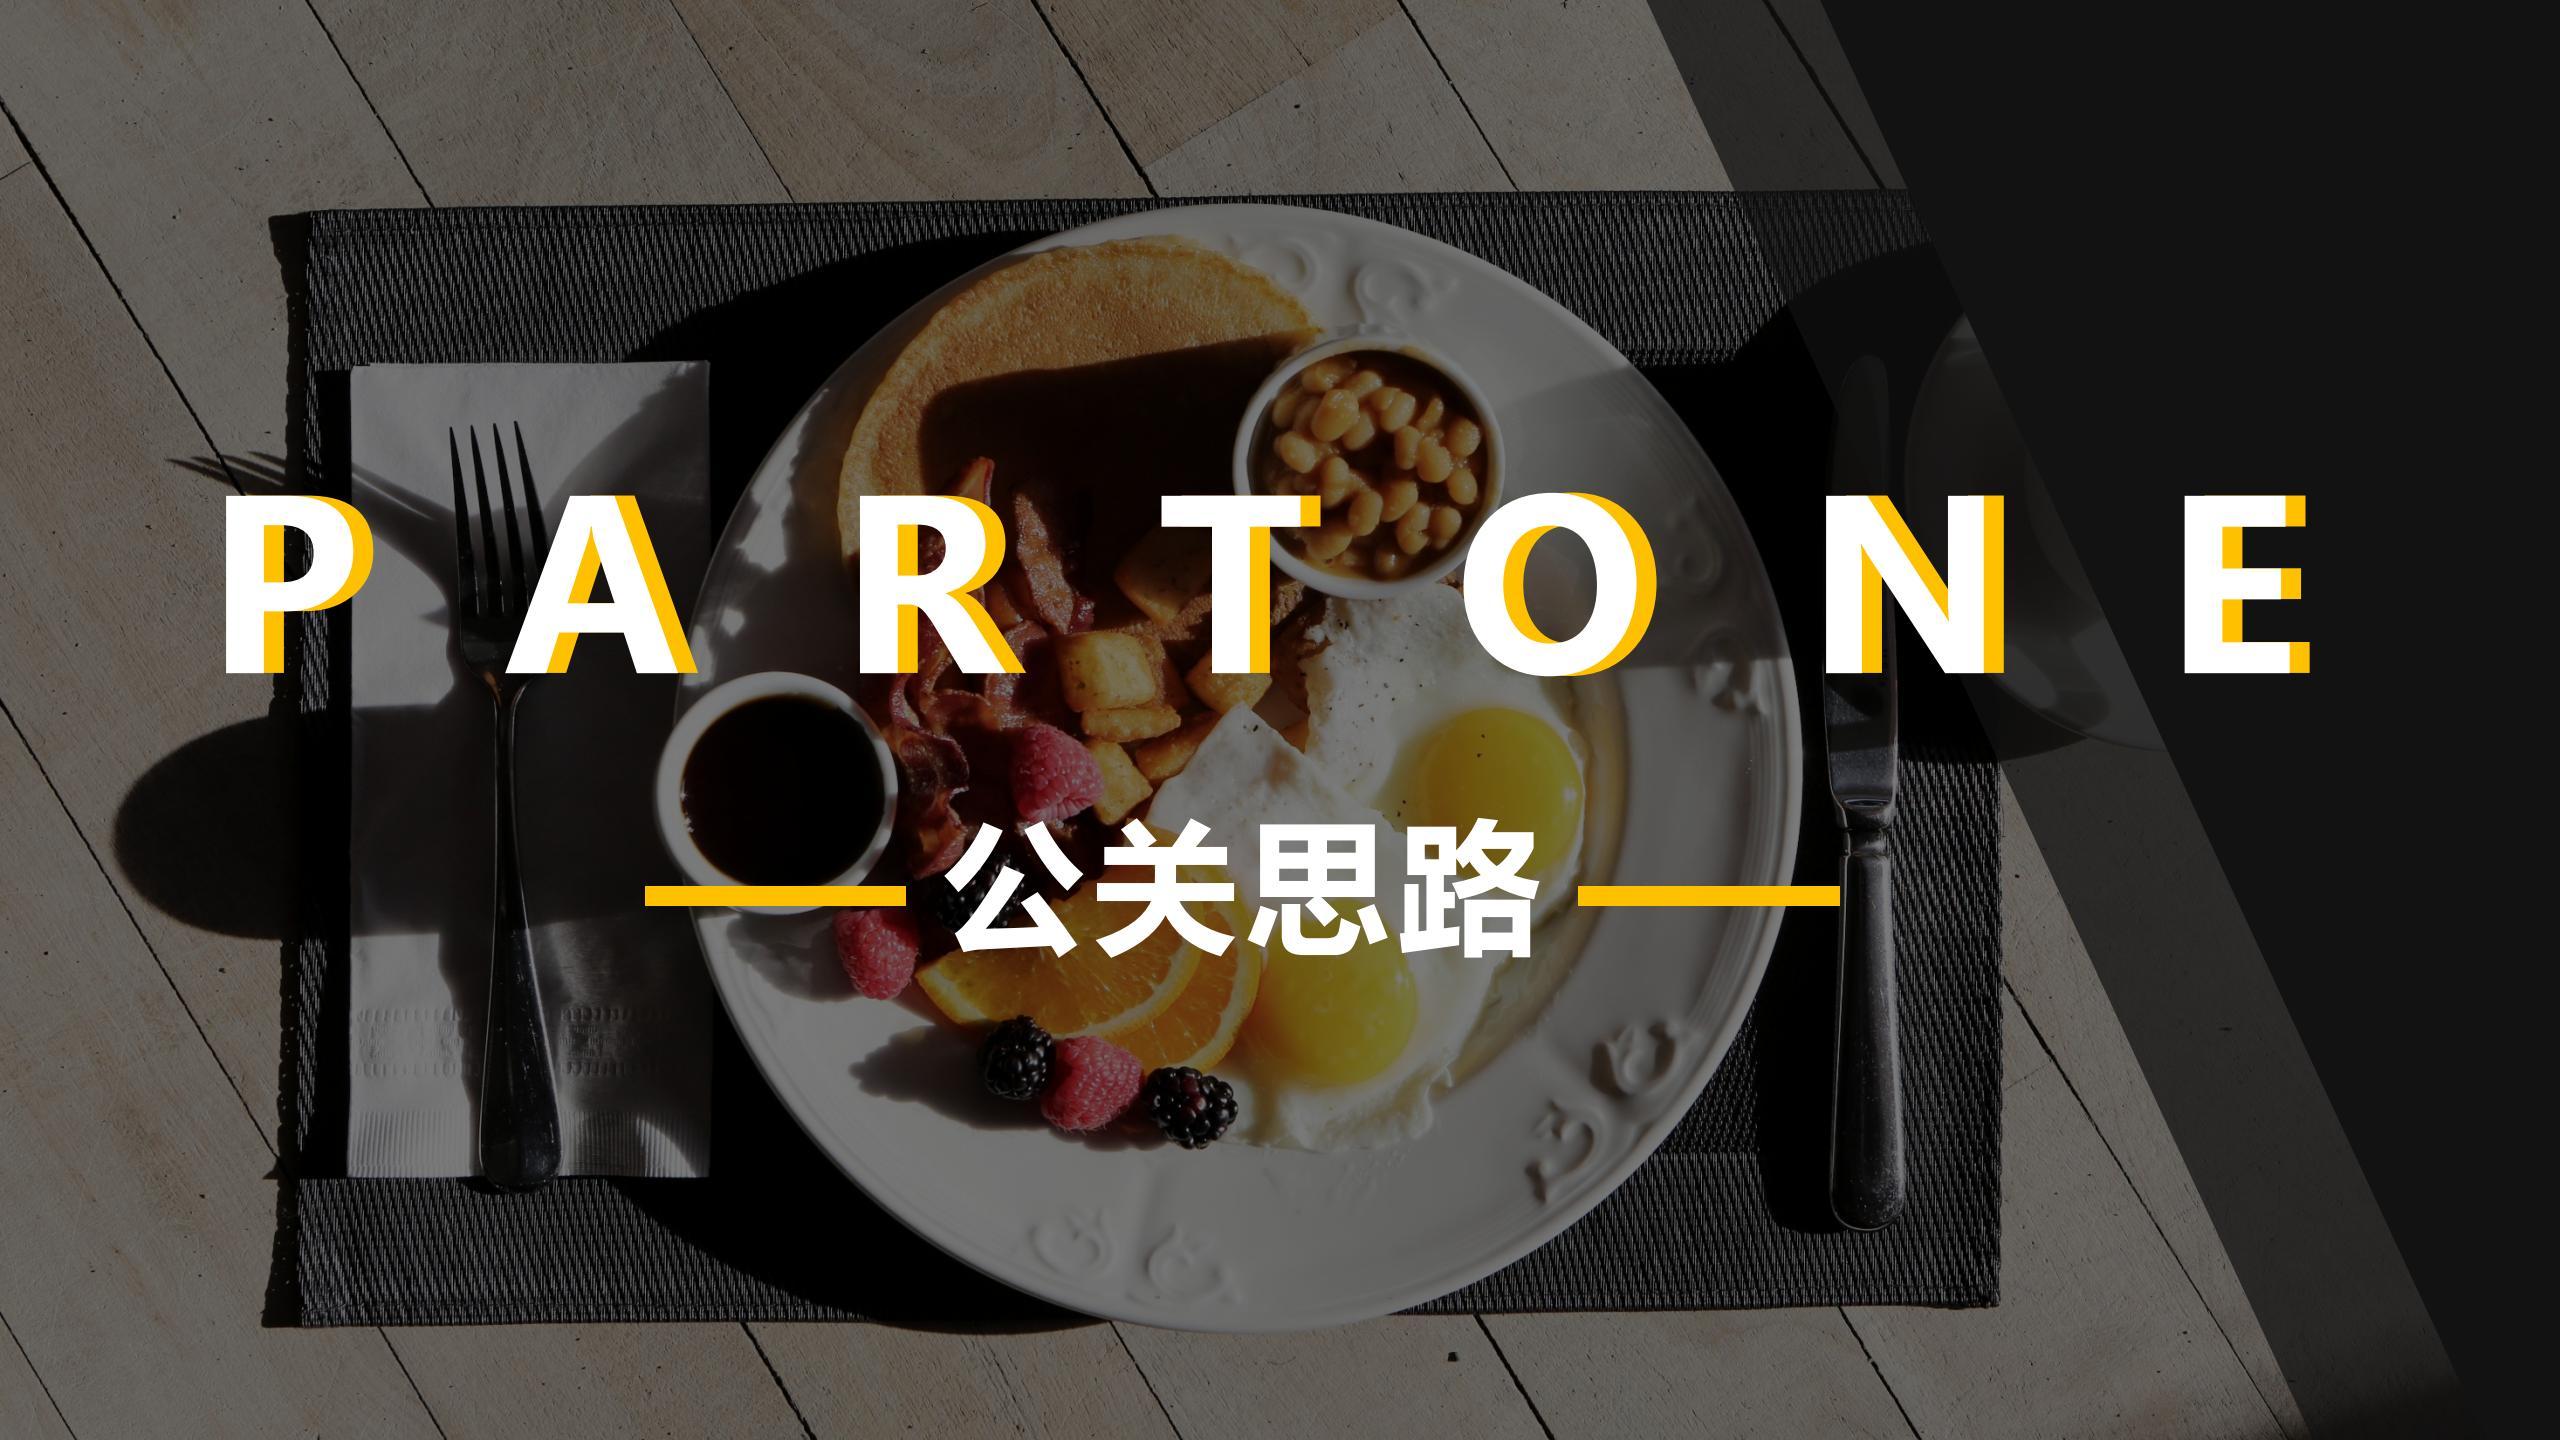 2019房地产美食节活动方案,打造一场高端的全球美食节